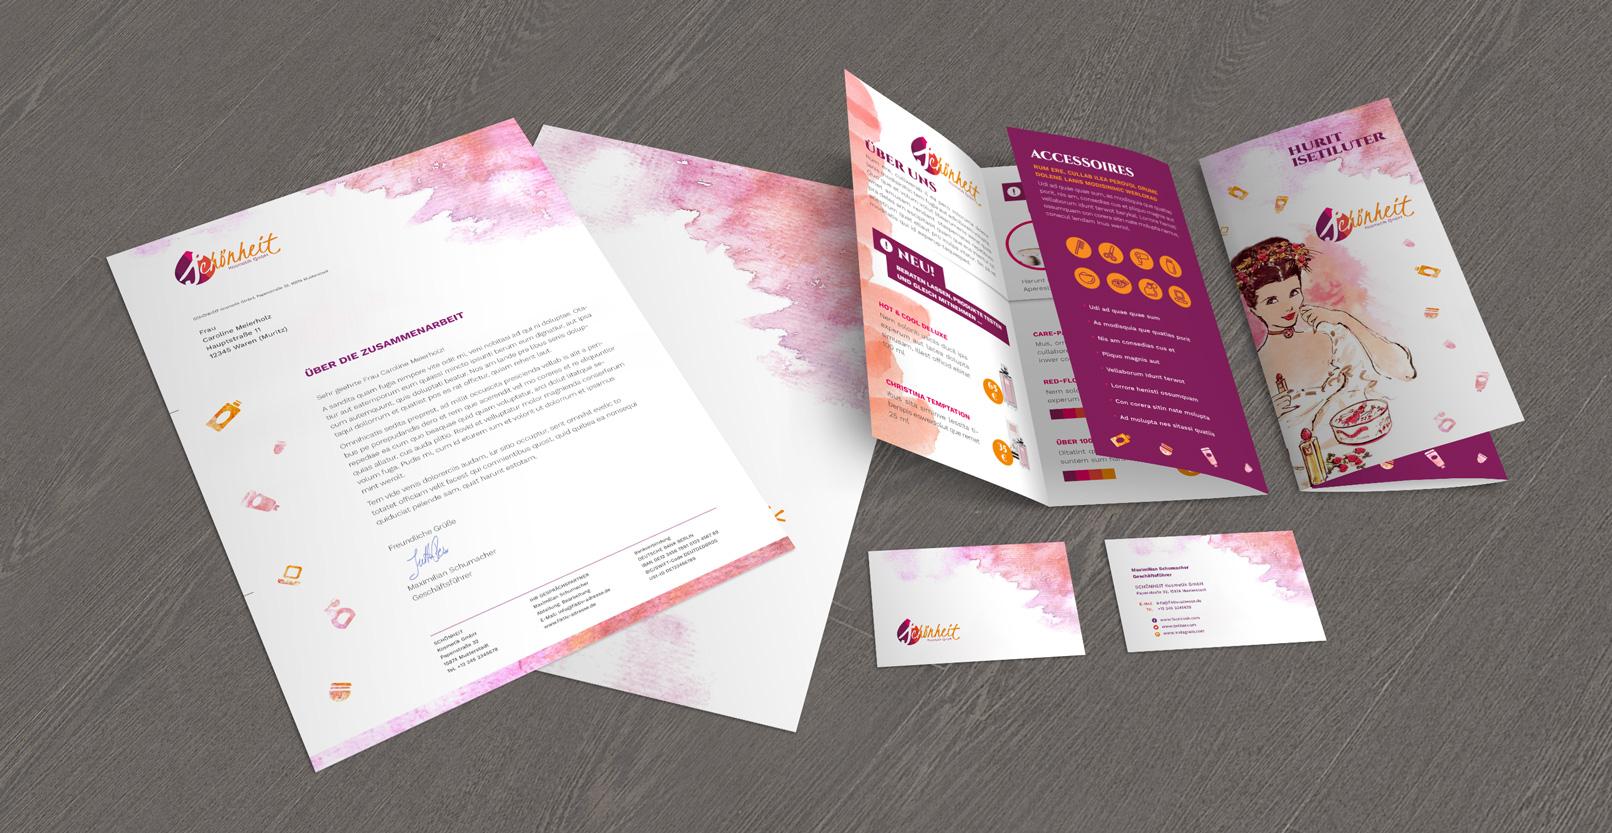 Vorlagen im Corporate Design für den Bereich Wellness und Friseure: Flyer, Briefpapier, Visitenkarten